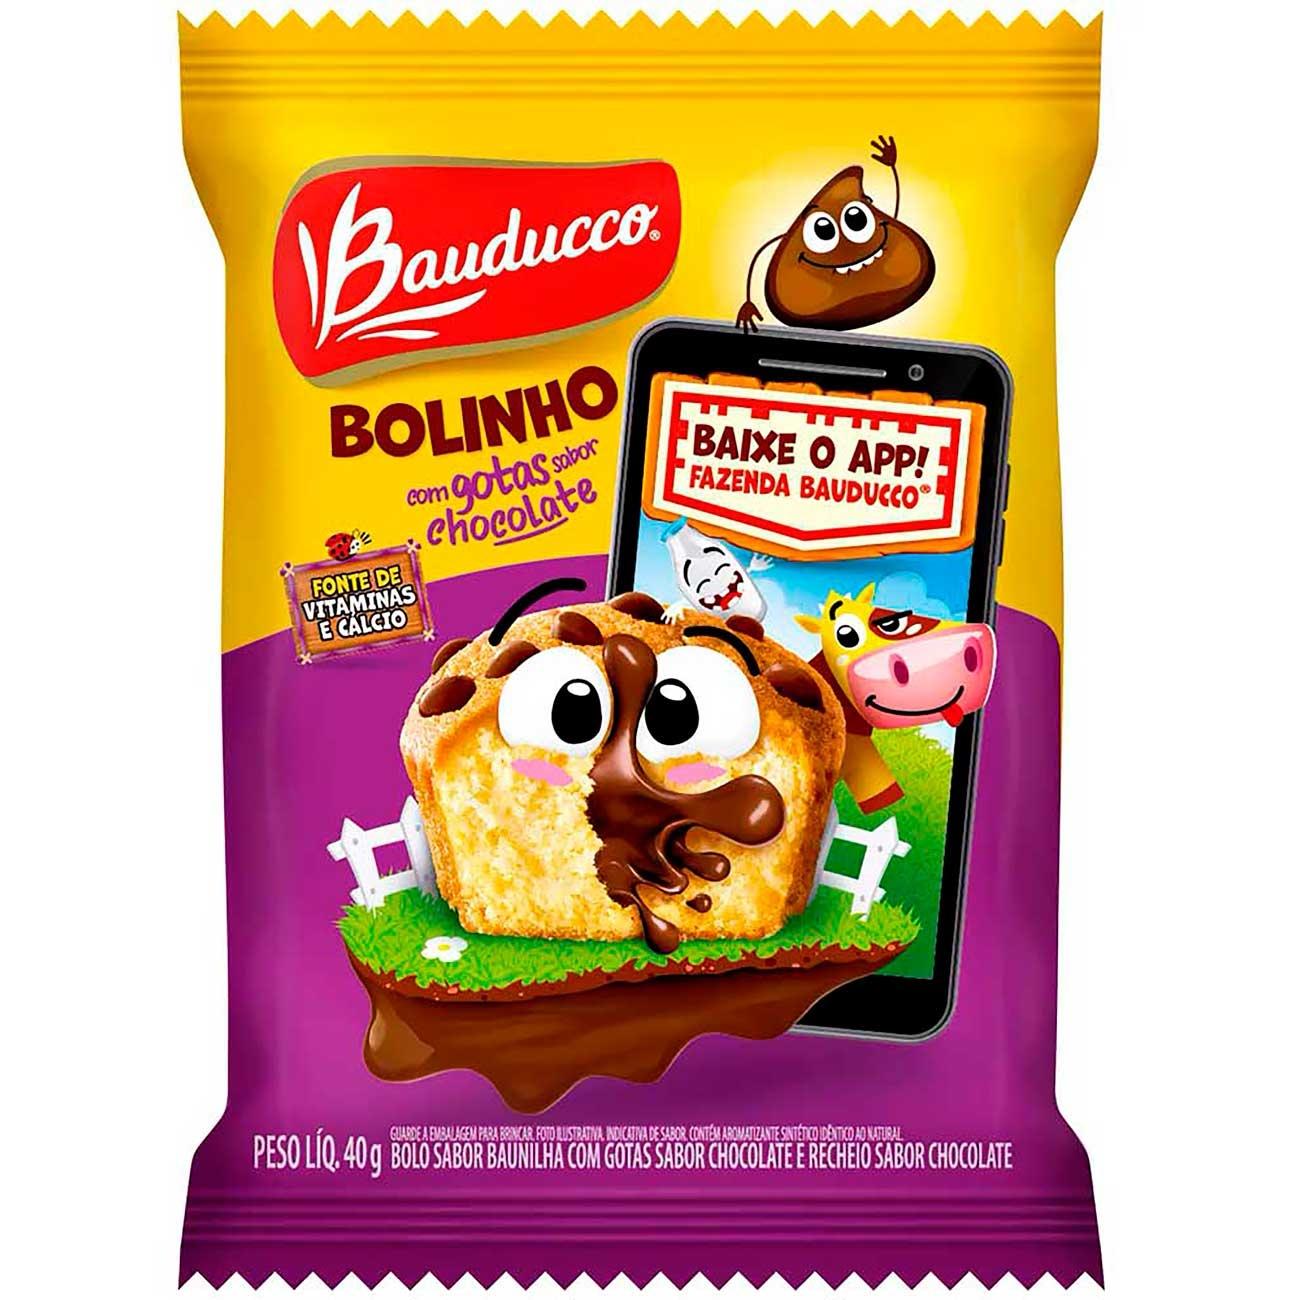 Bolinho Bauducco Gotas De Chocolate 40g | Caixa com 14 unidades